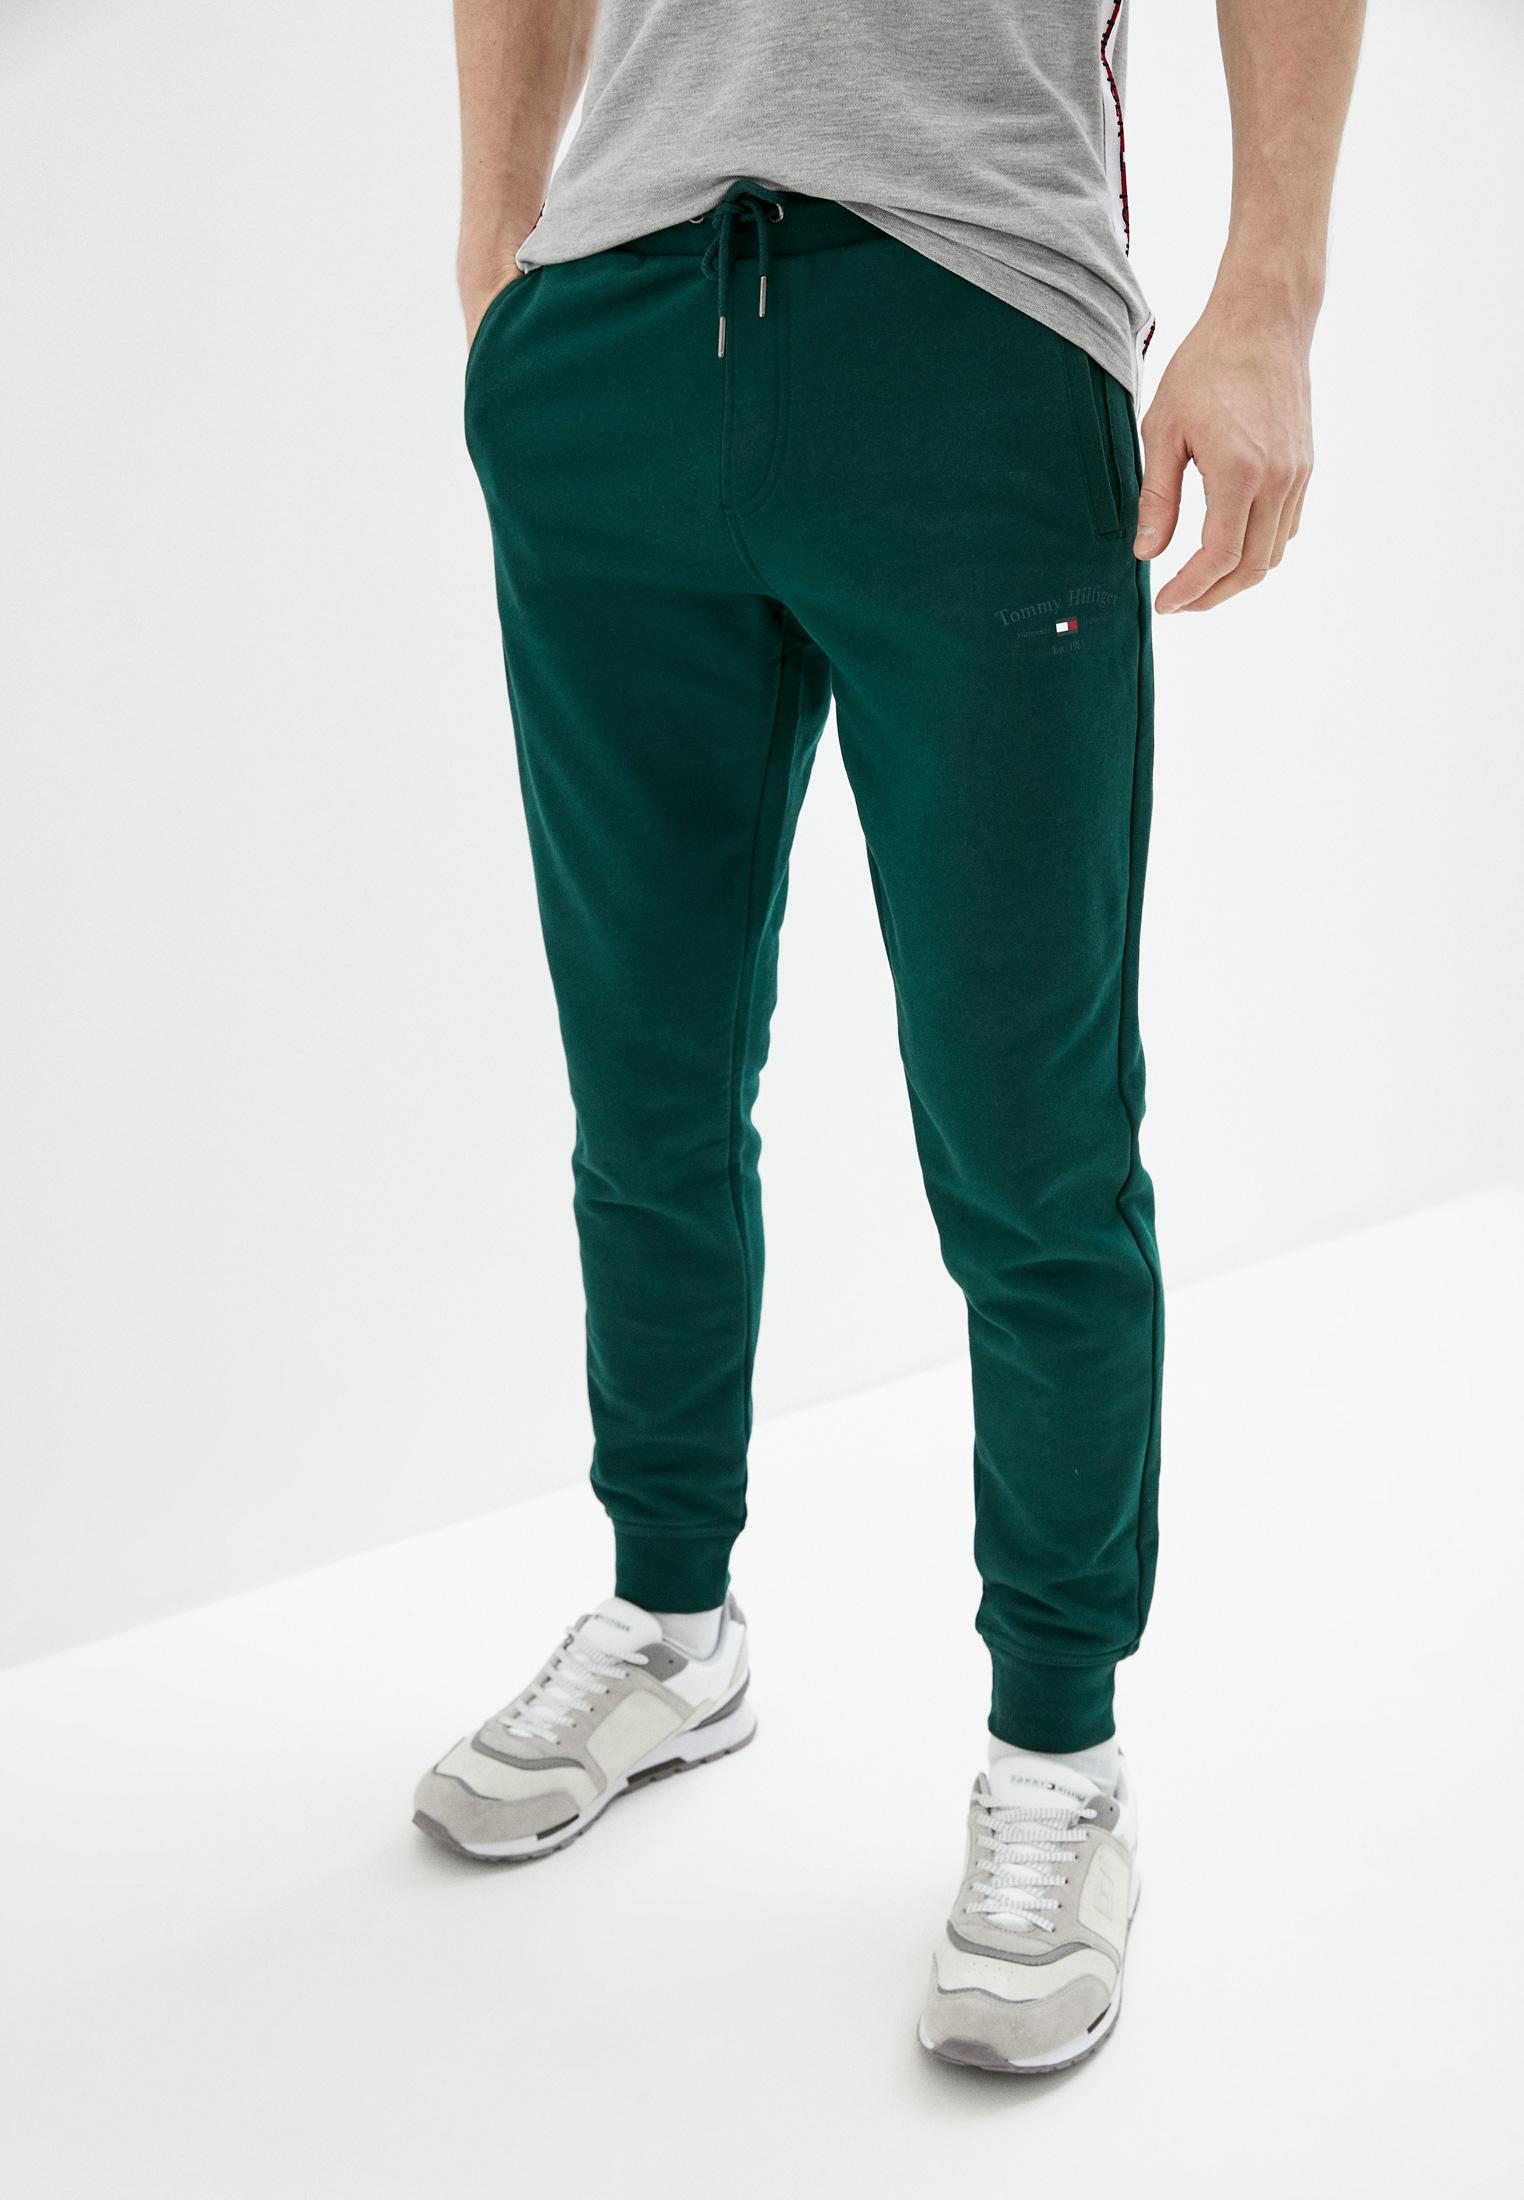 Мужские спортивные брюки Tommy Hilfiger (Томми Хилфигер) Брюки спортивные Tommy Hilfiger